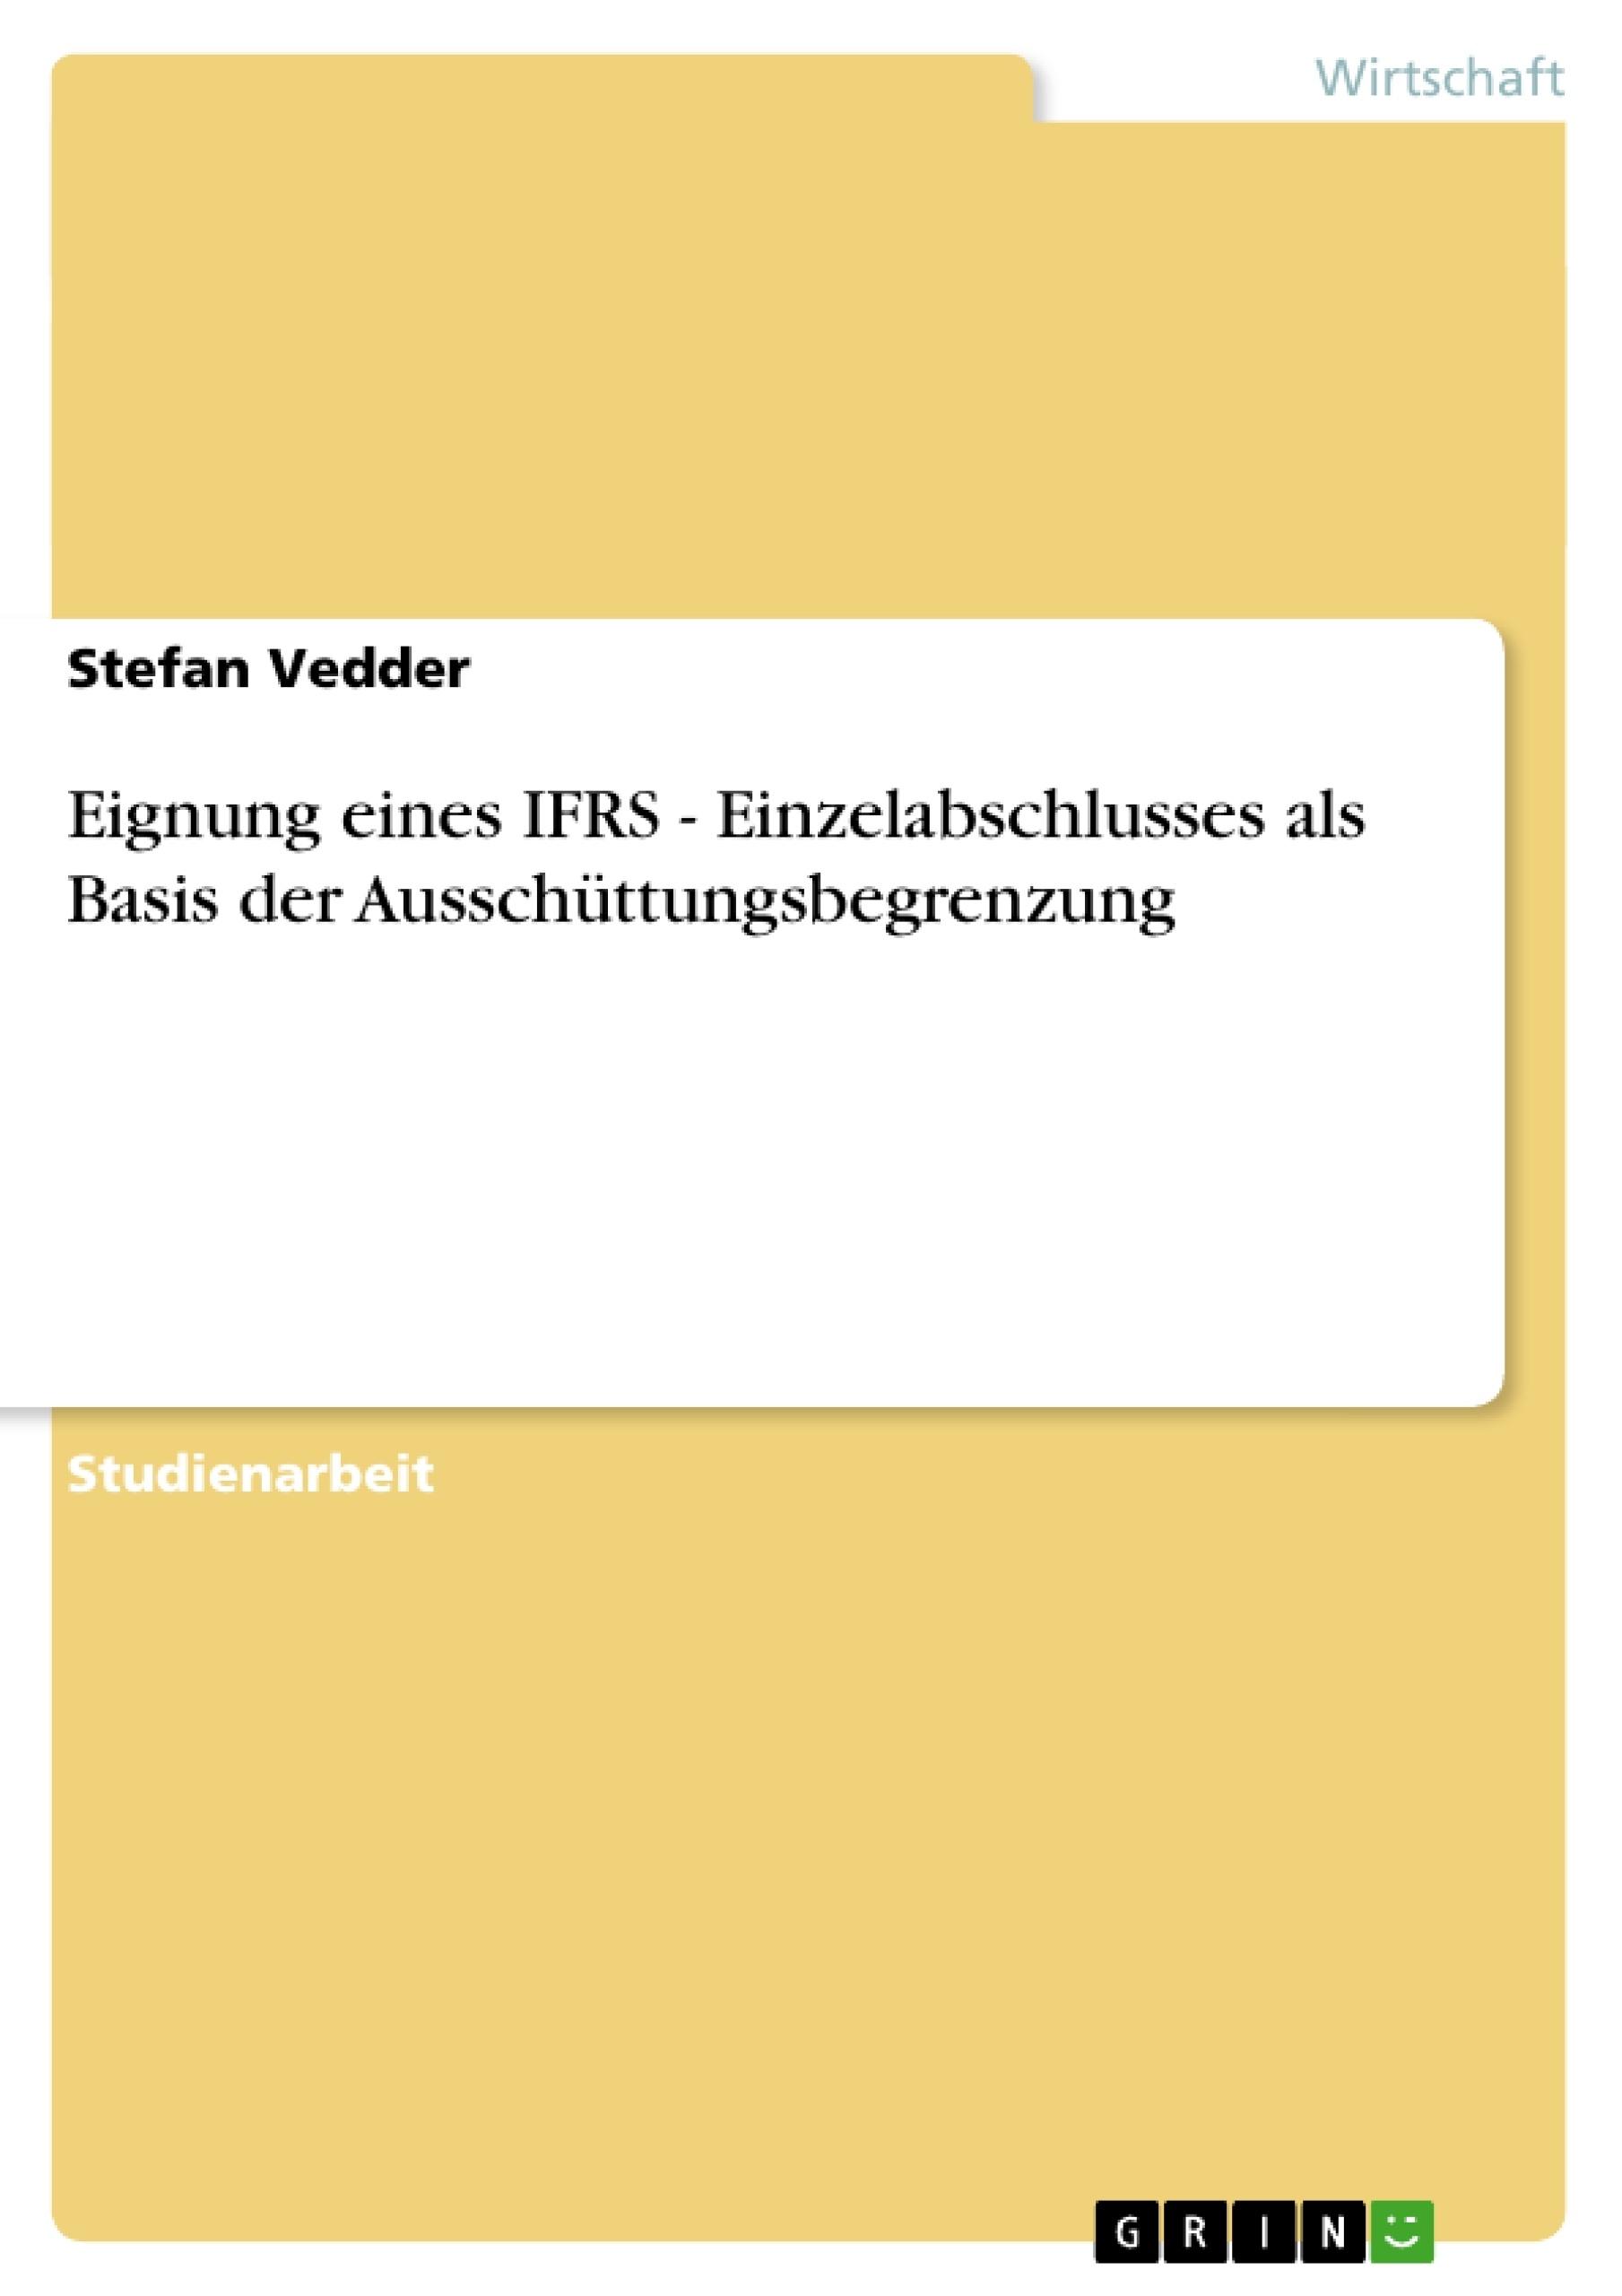 Titel: Eignung eines IFRS - Einzelabschlusses als Basis der Ausschüttungsbegrenzung